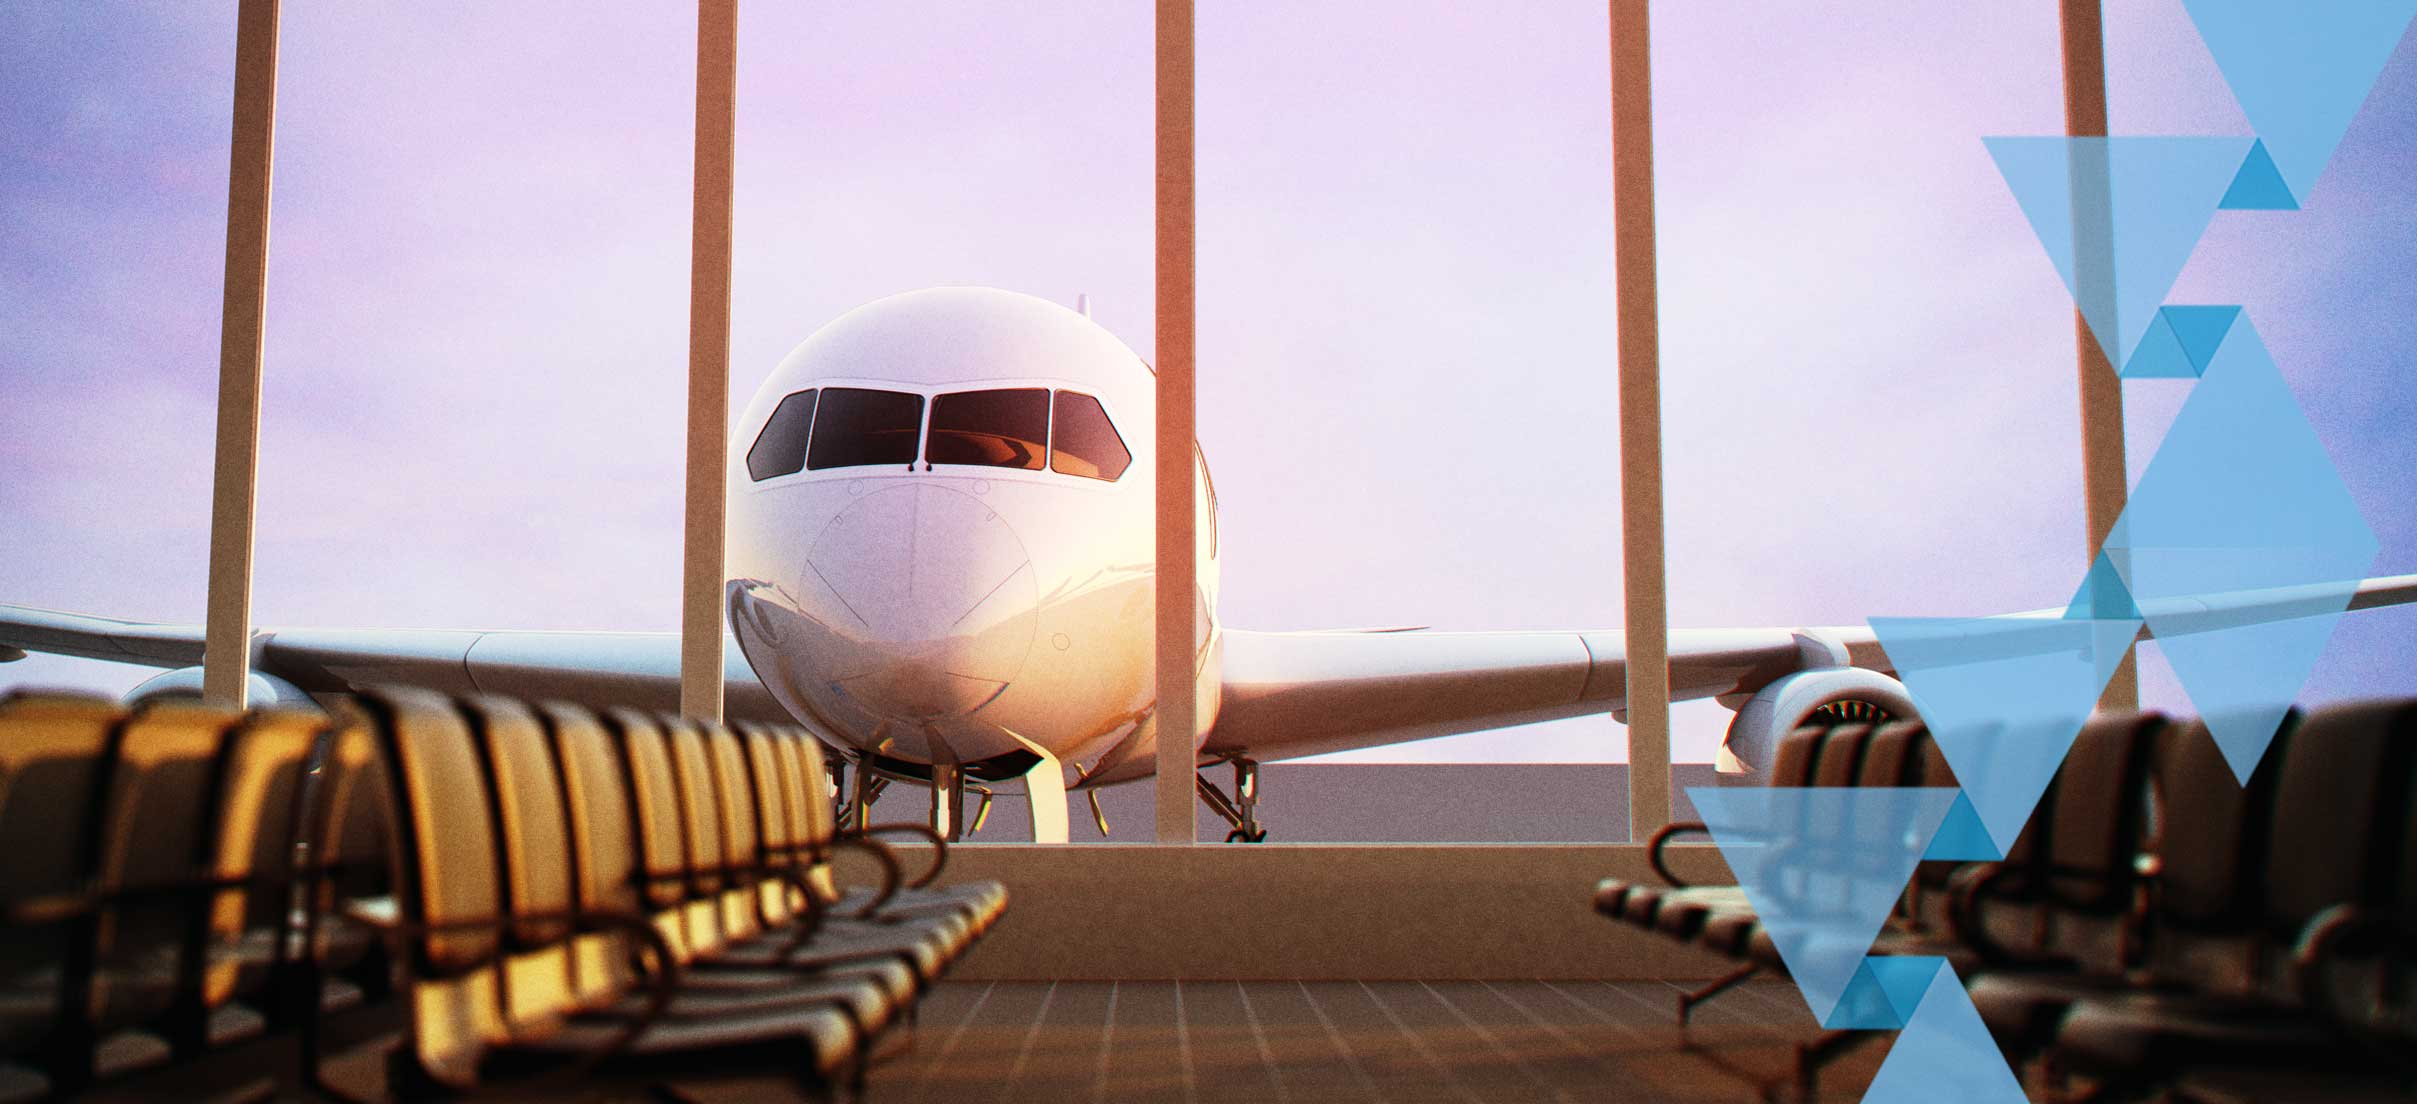 Investigaciones contra 26 aerolíneas por cláusulas que atentan contra viajeros